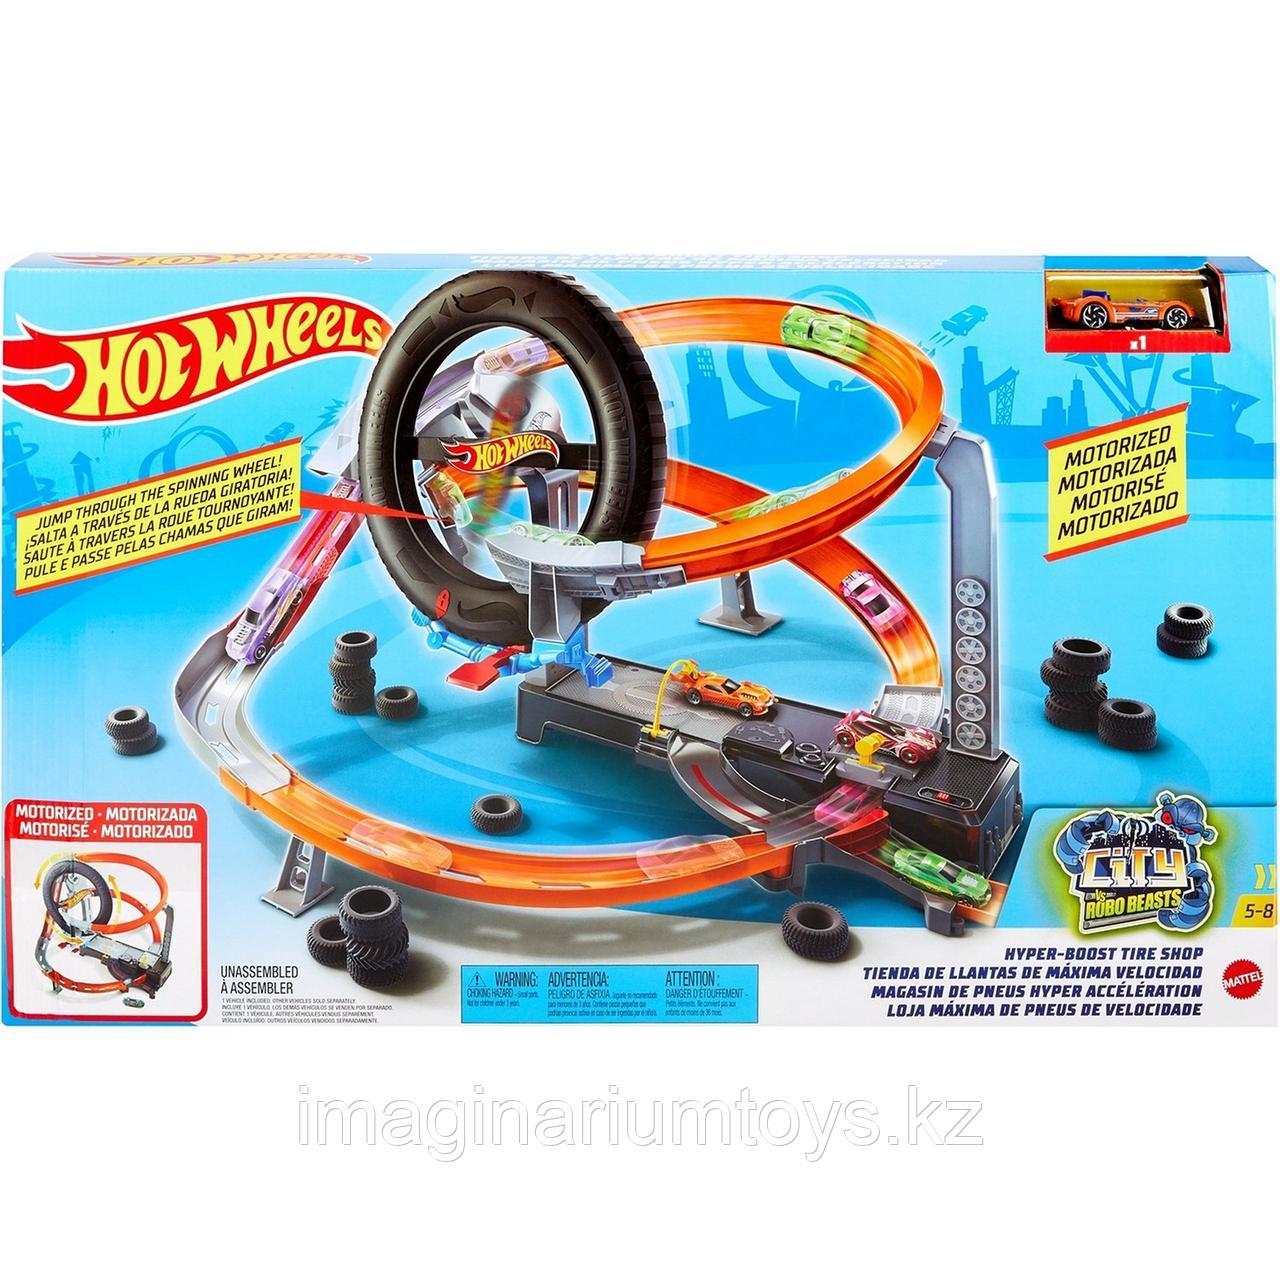 Трек Hot Wheels моторизованный «Шиномонтажная мастерская» - фото 1